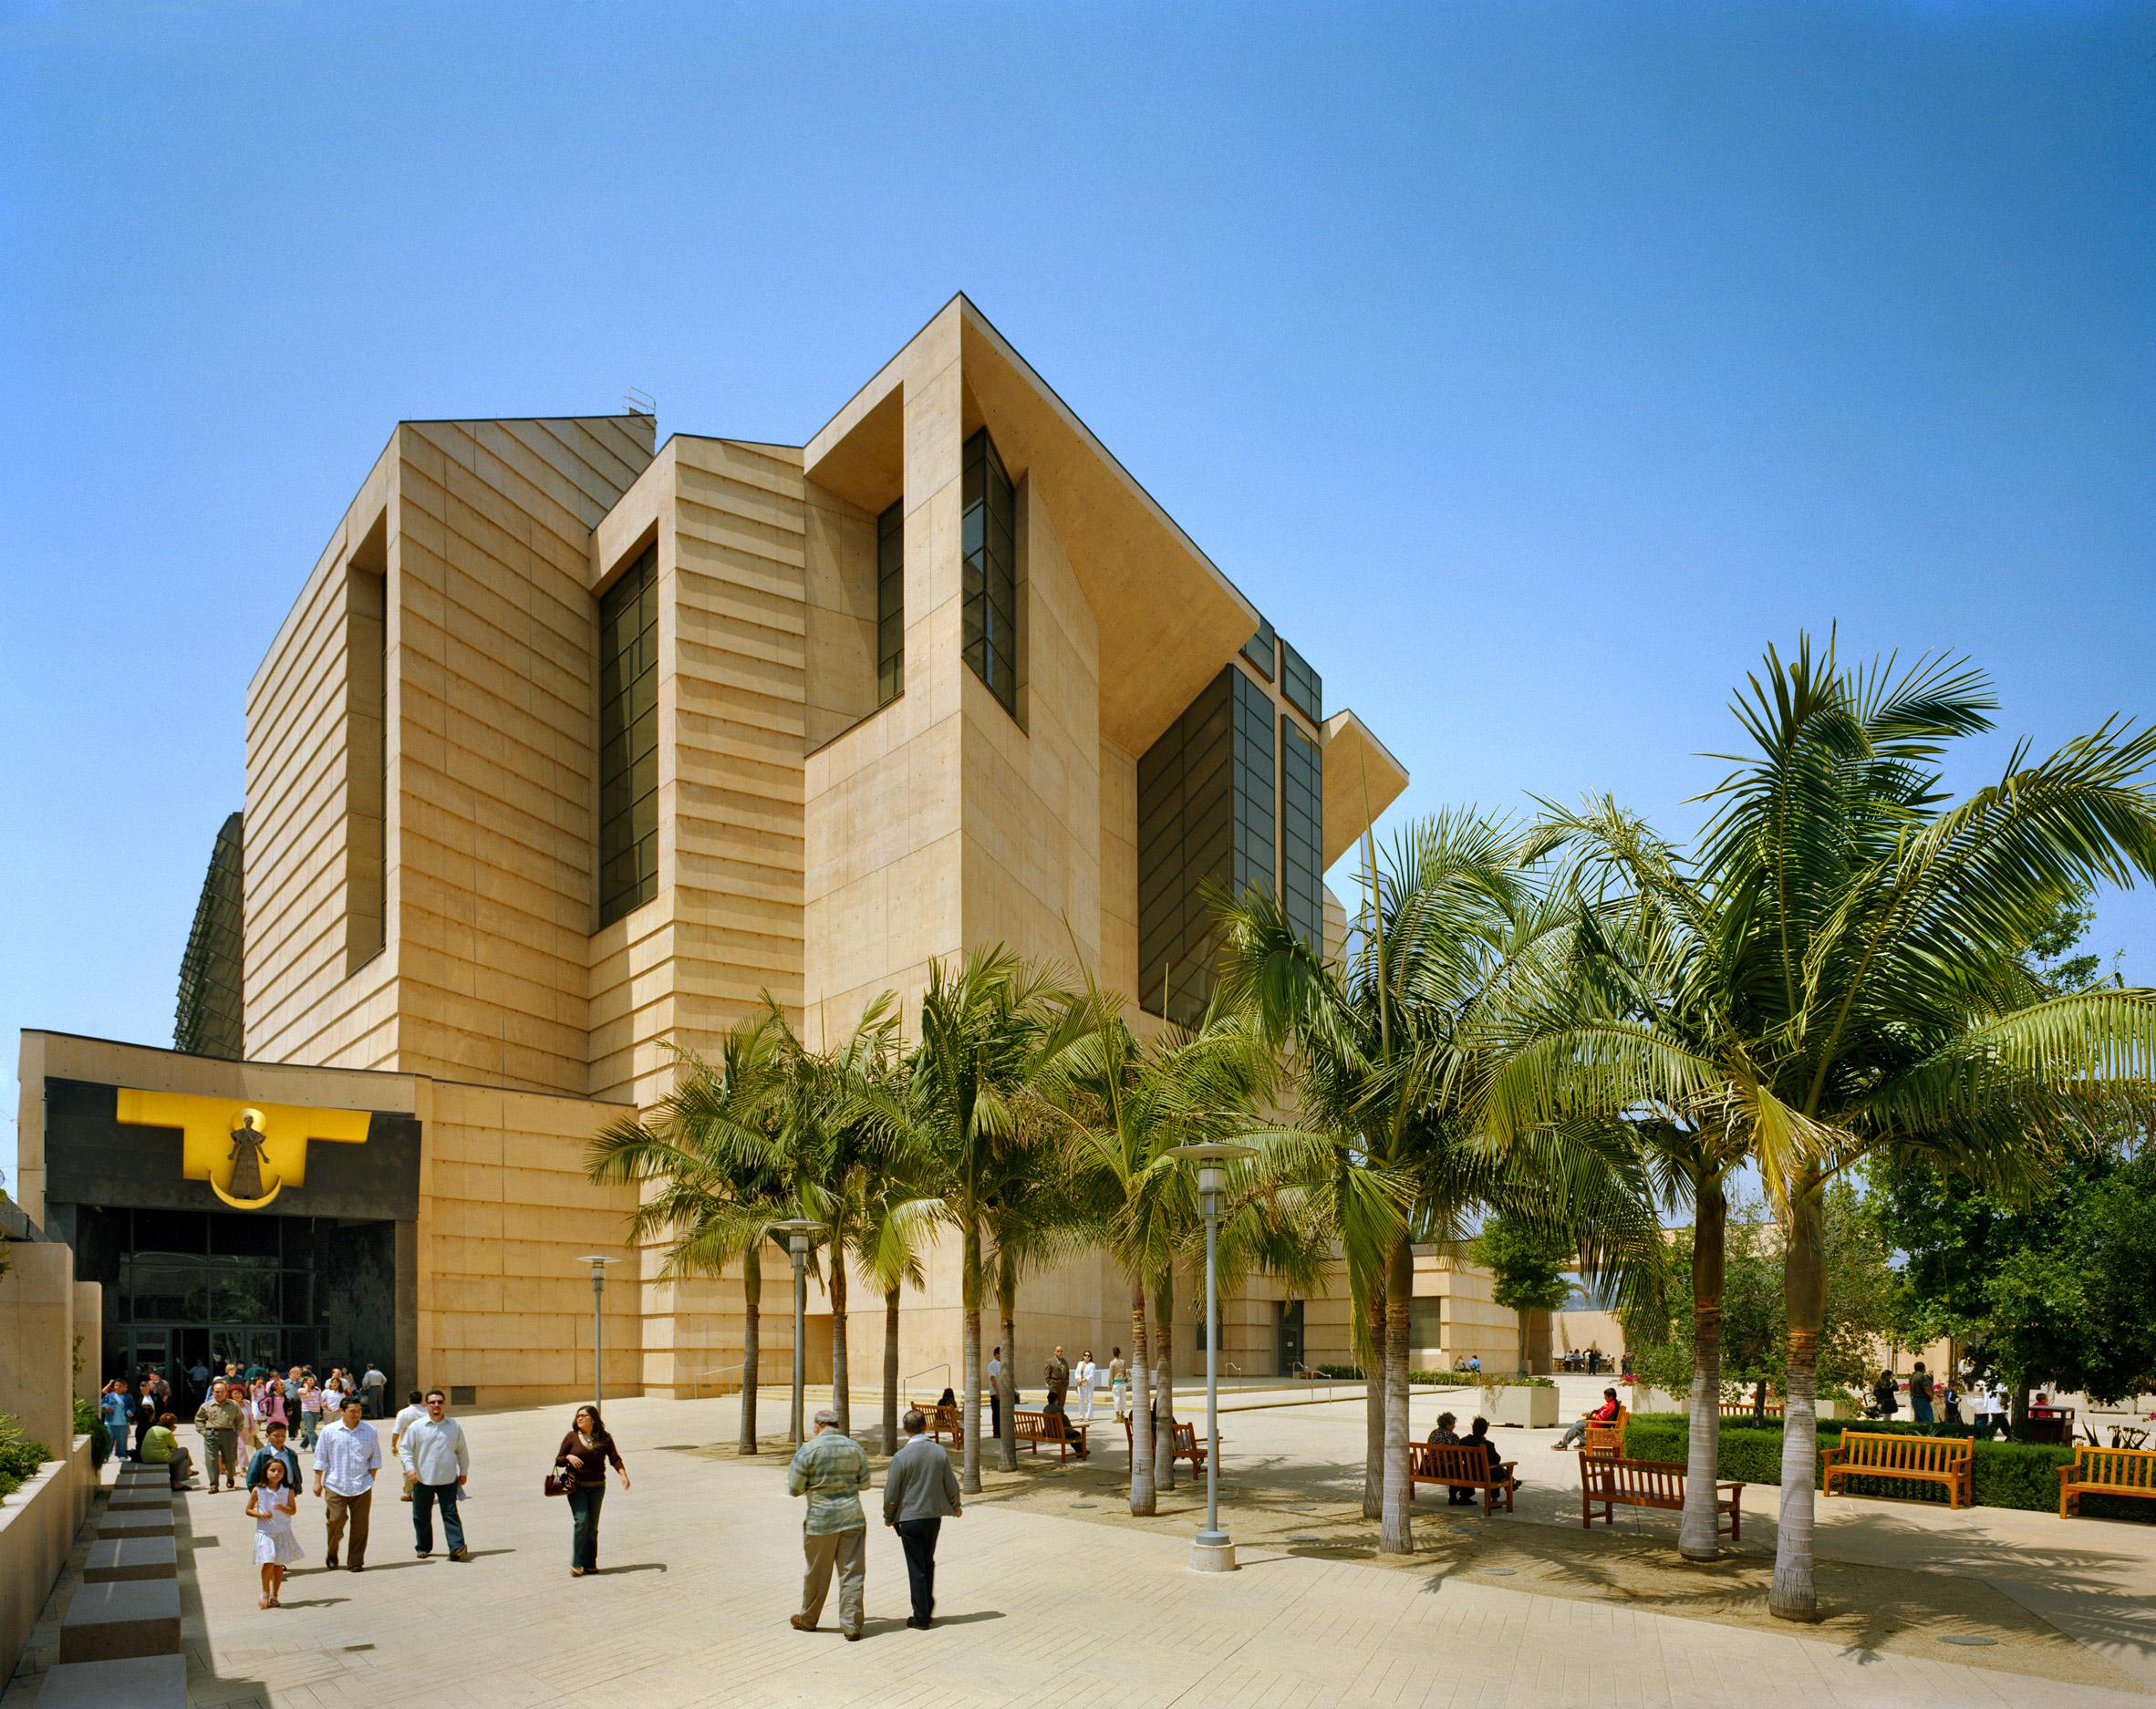 Dezeen roundup: Six of Rafael Moneo's bet buildings